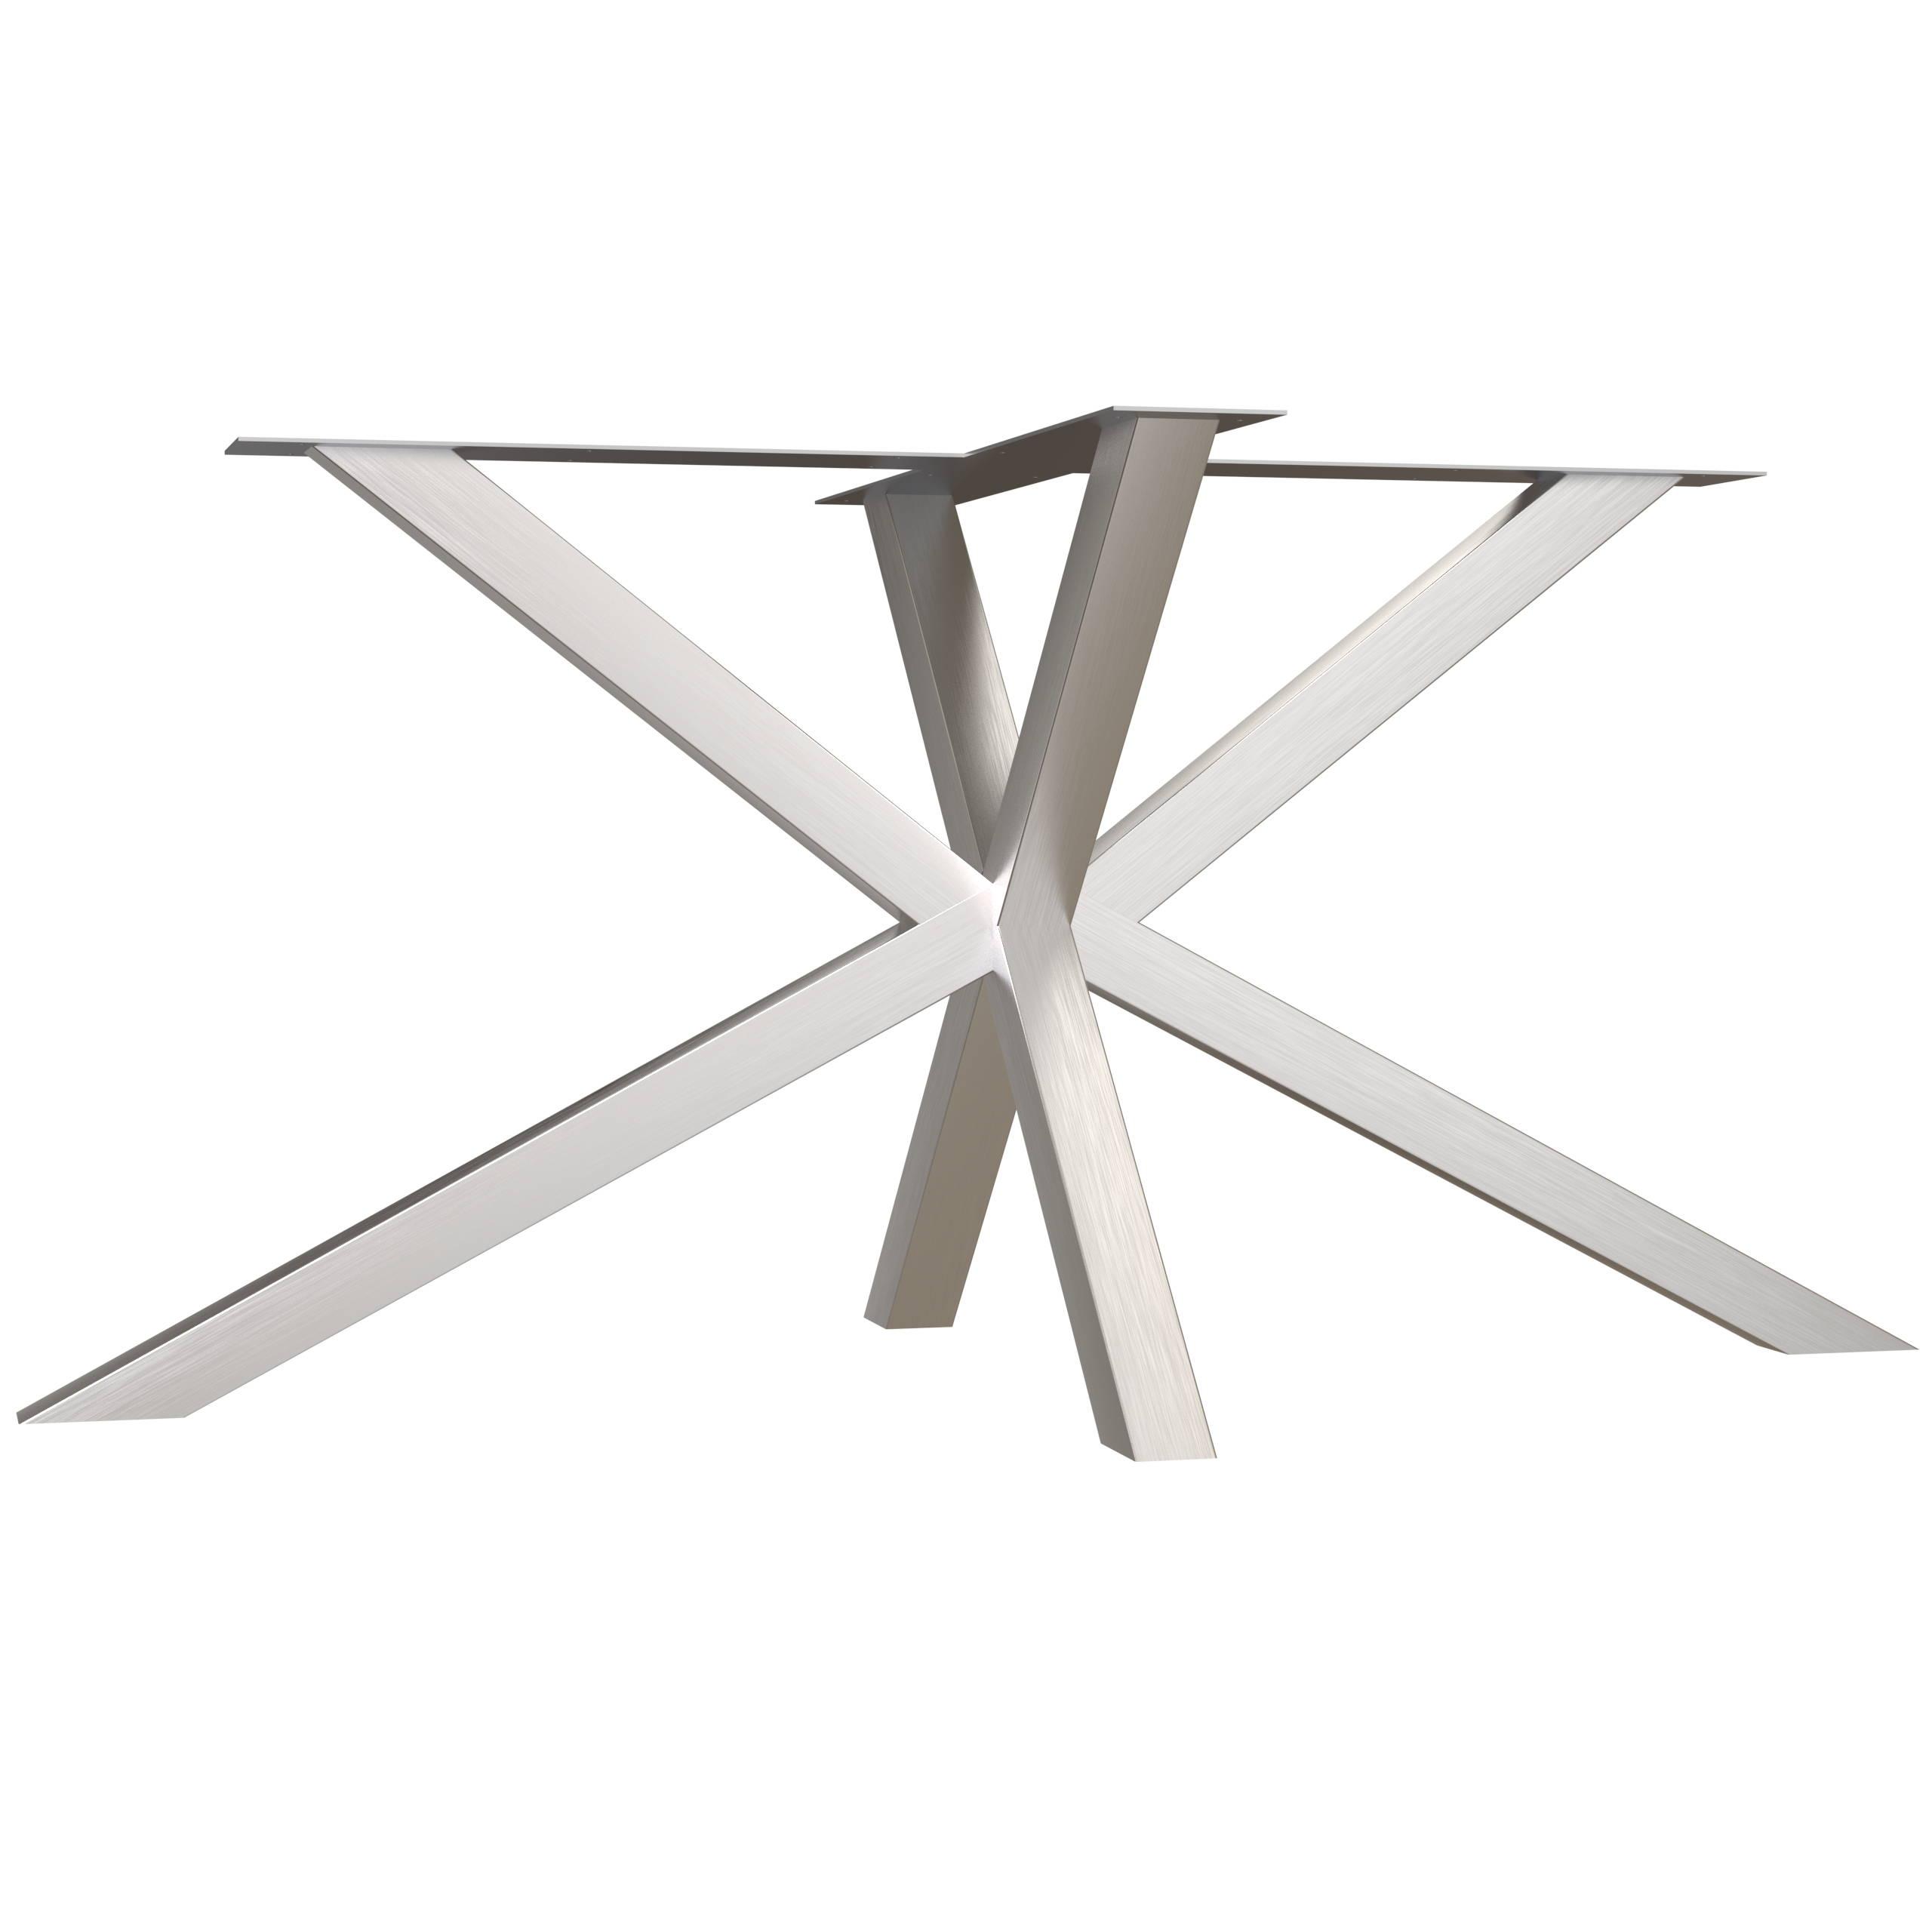 Tafelonderstel RVS zonder tafelblad